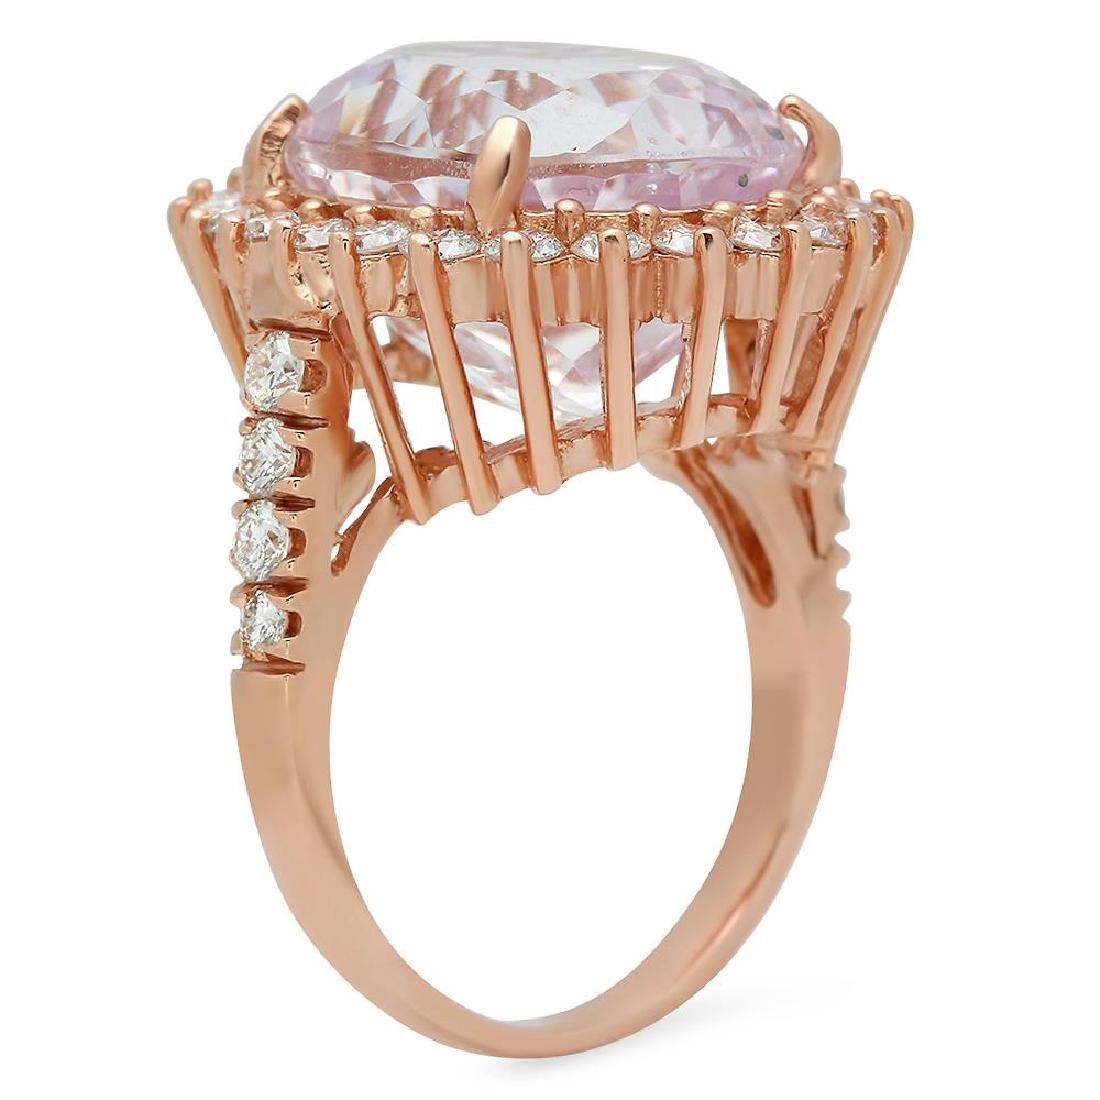 14K Gold 16.65ct Kunzite 1.46ct Diamond Ring - 2